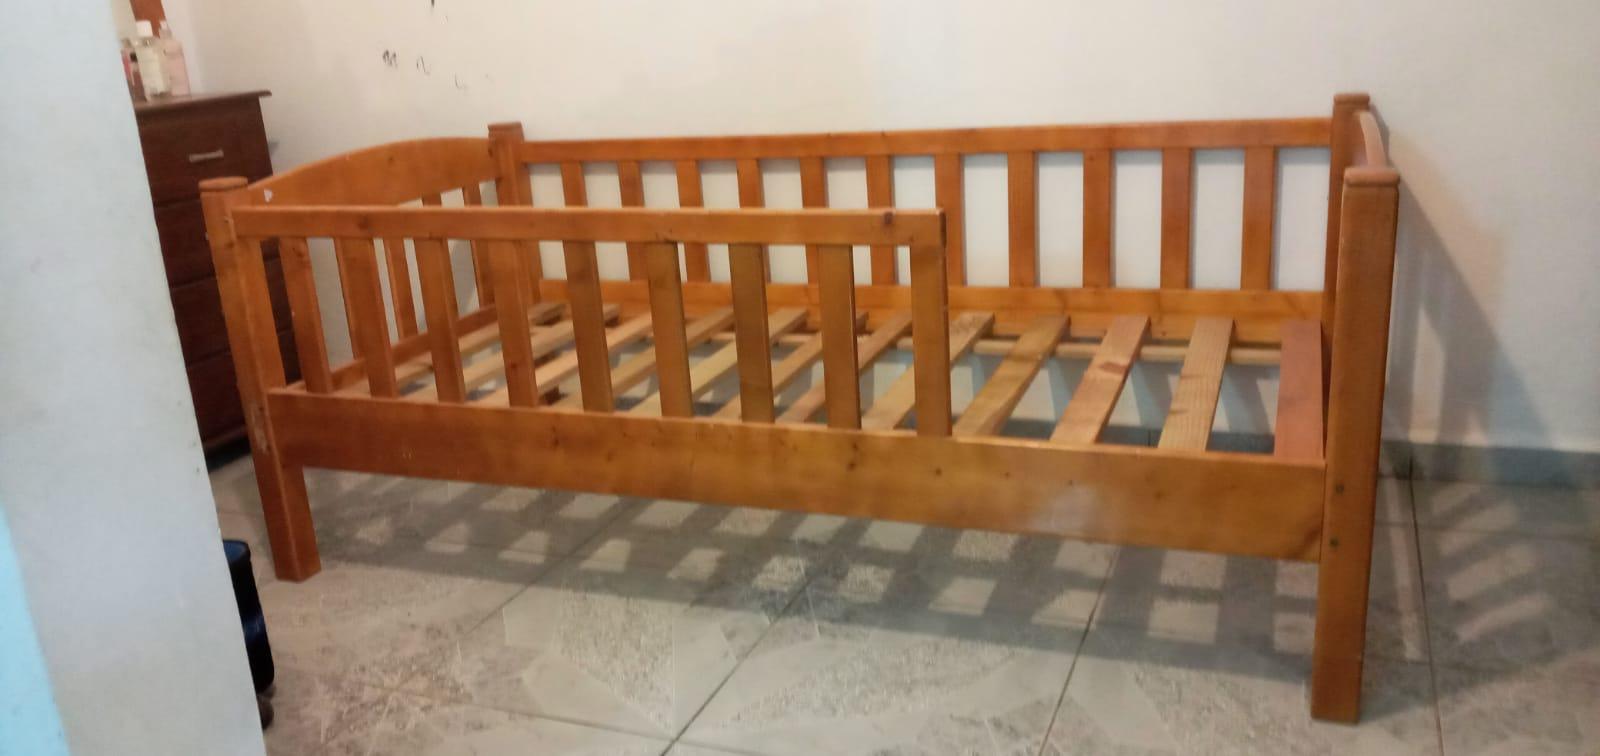 lit enfant avec barrières de protection